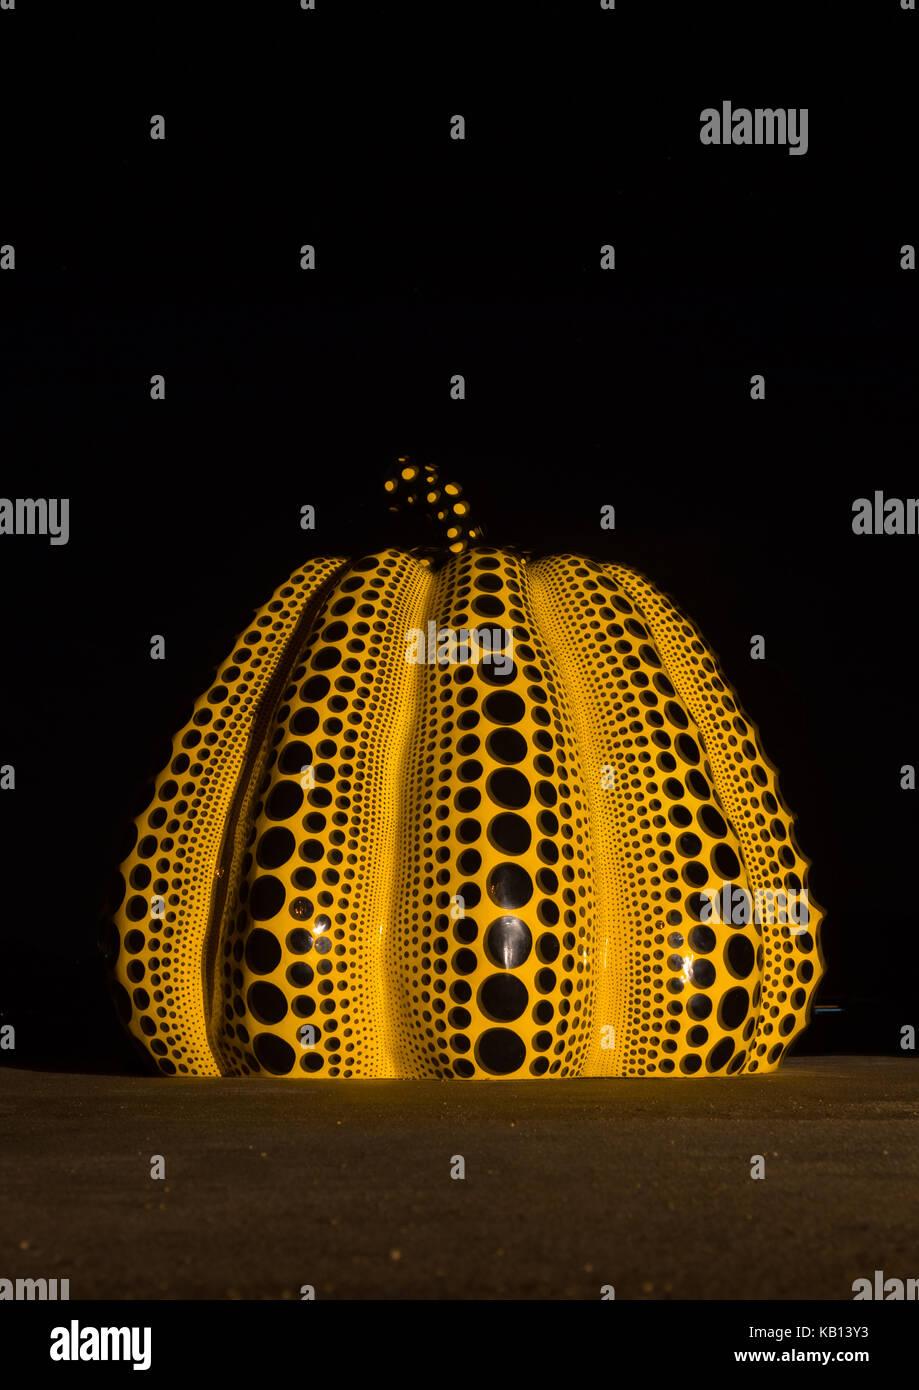 Yellow pumpkin by yayoi kusama on pier at night, Seto Inland Sea, Naoshima, Japan - Stock Image